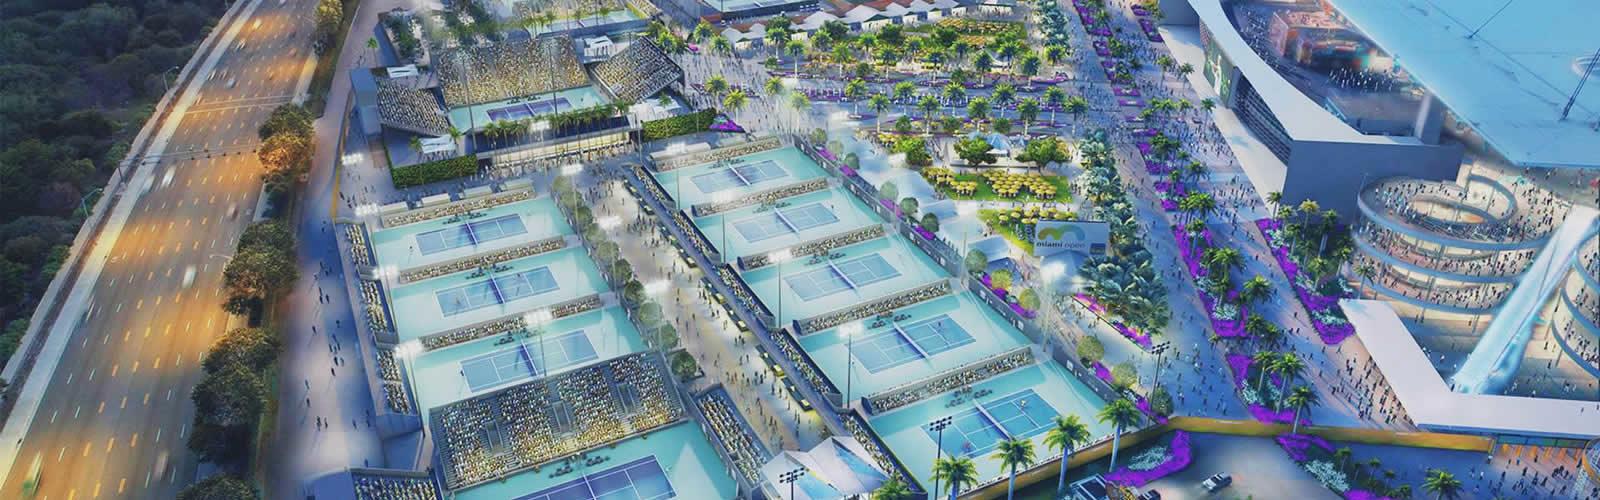 open-tennis-miami-tournoi-key-biscayne-une